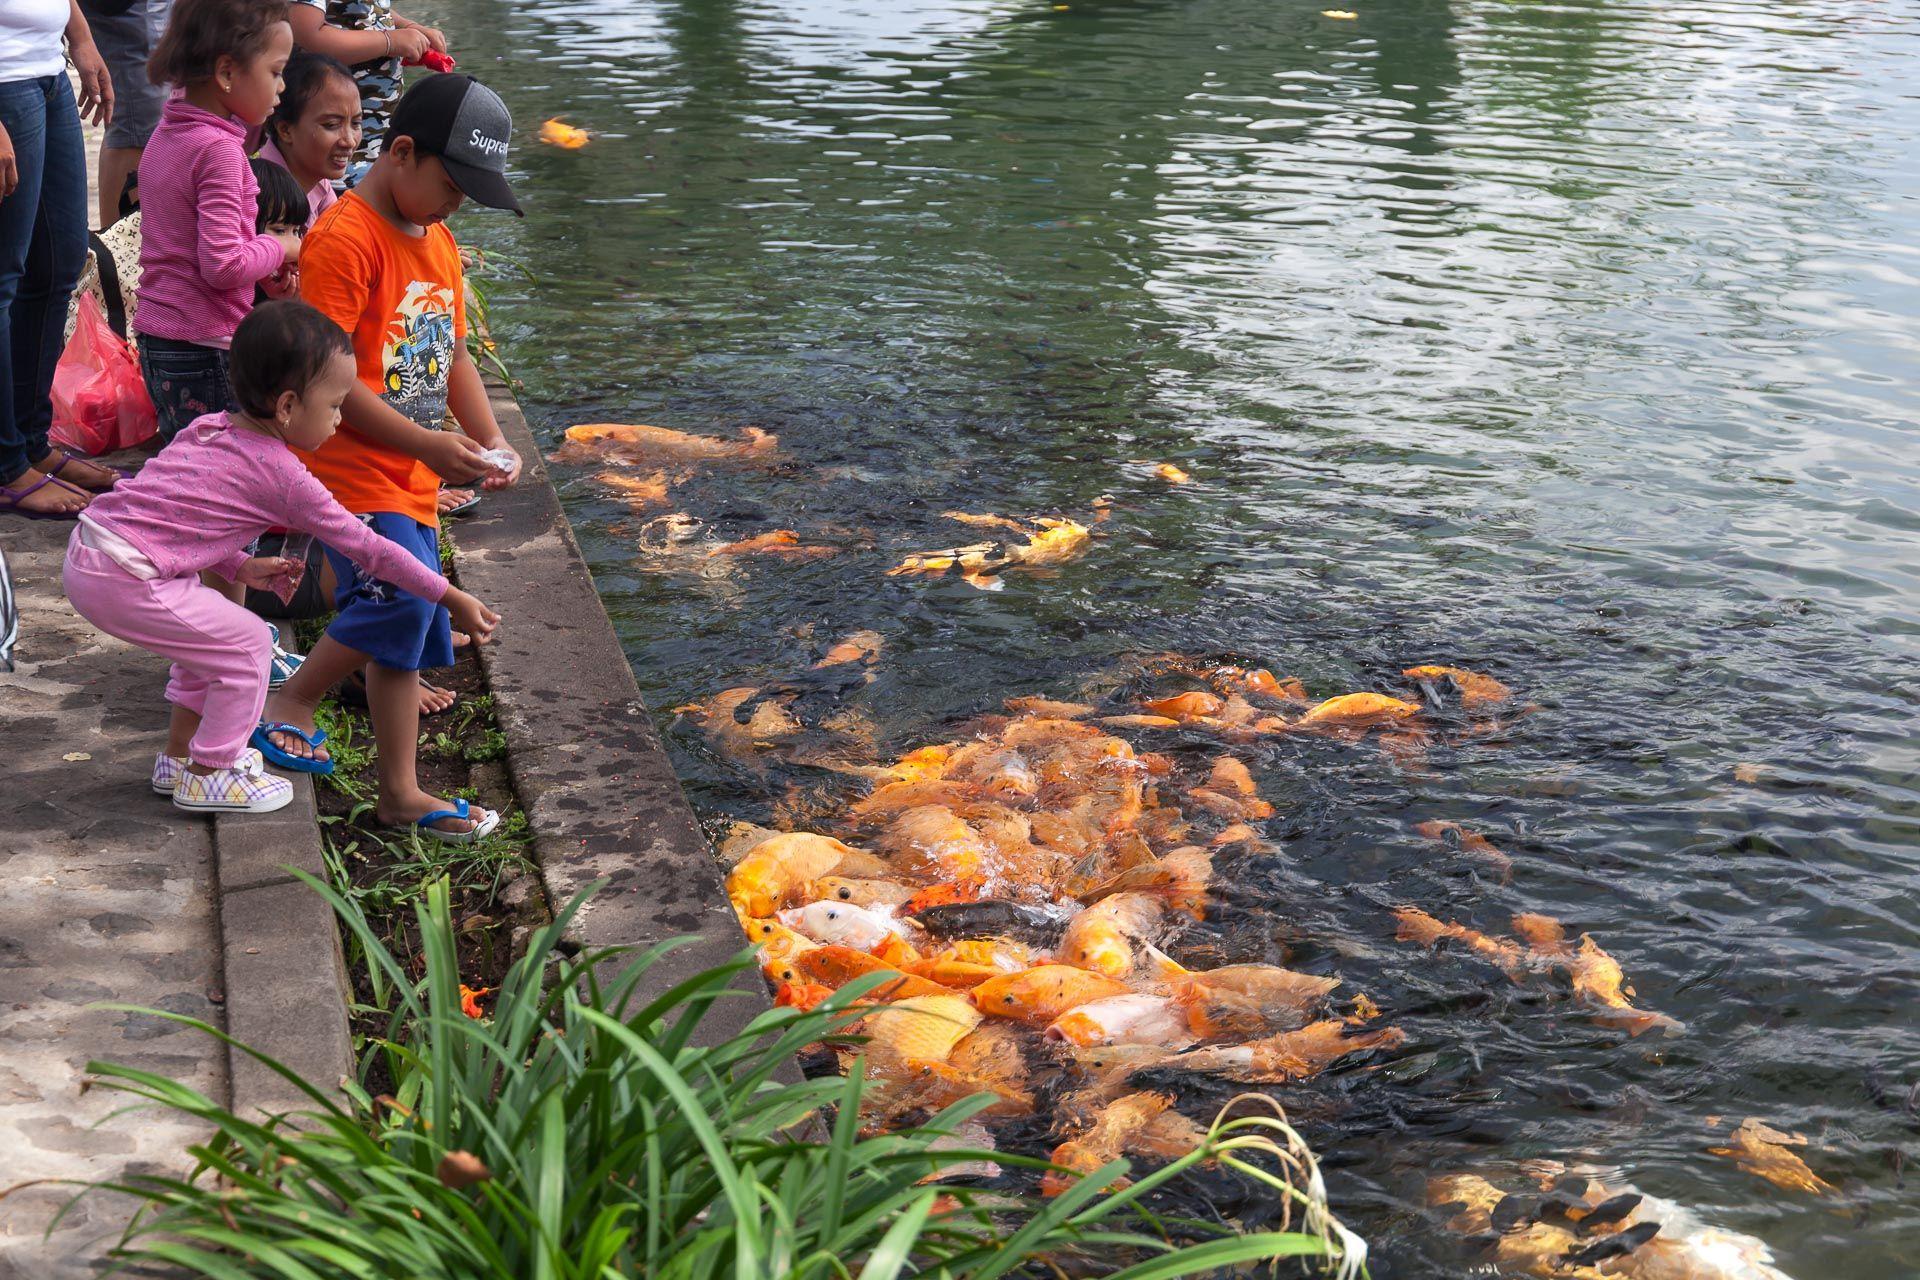 водный дворец на Бали, Тиртаганга, Tirta Gangga, Таман Уджунг, Taman Ujung, водные дворцы на Бали, тирта ганга, ритуал с водой на Бали, ритуал очищения на Бали, святой источник Бали, священная вода Бали, золотые рыбки Бали, где покормить рыб на Бали, куда сходить на Бали, куда сходить с ребенком на Бали, развлечения на Бали, восток Бали, что посмотреть на востоке Бали, что посмотреть в Амеде, Амед Бали, парк на Бали, где погулять на Бали, фотосессия на Бали, интересные места для фото на Бали, фотографии Бали,